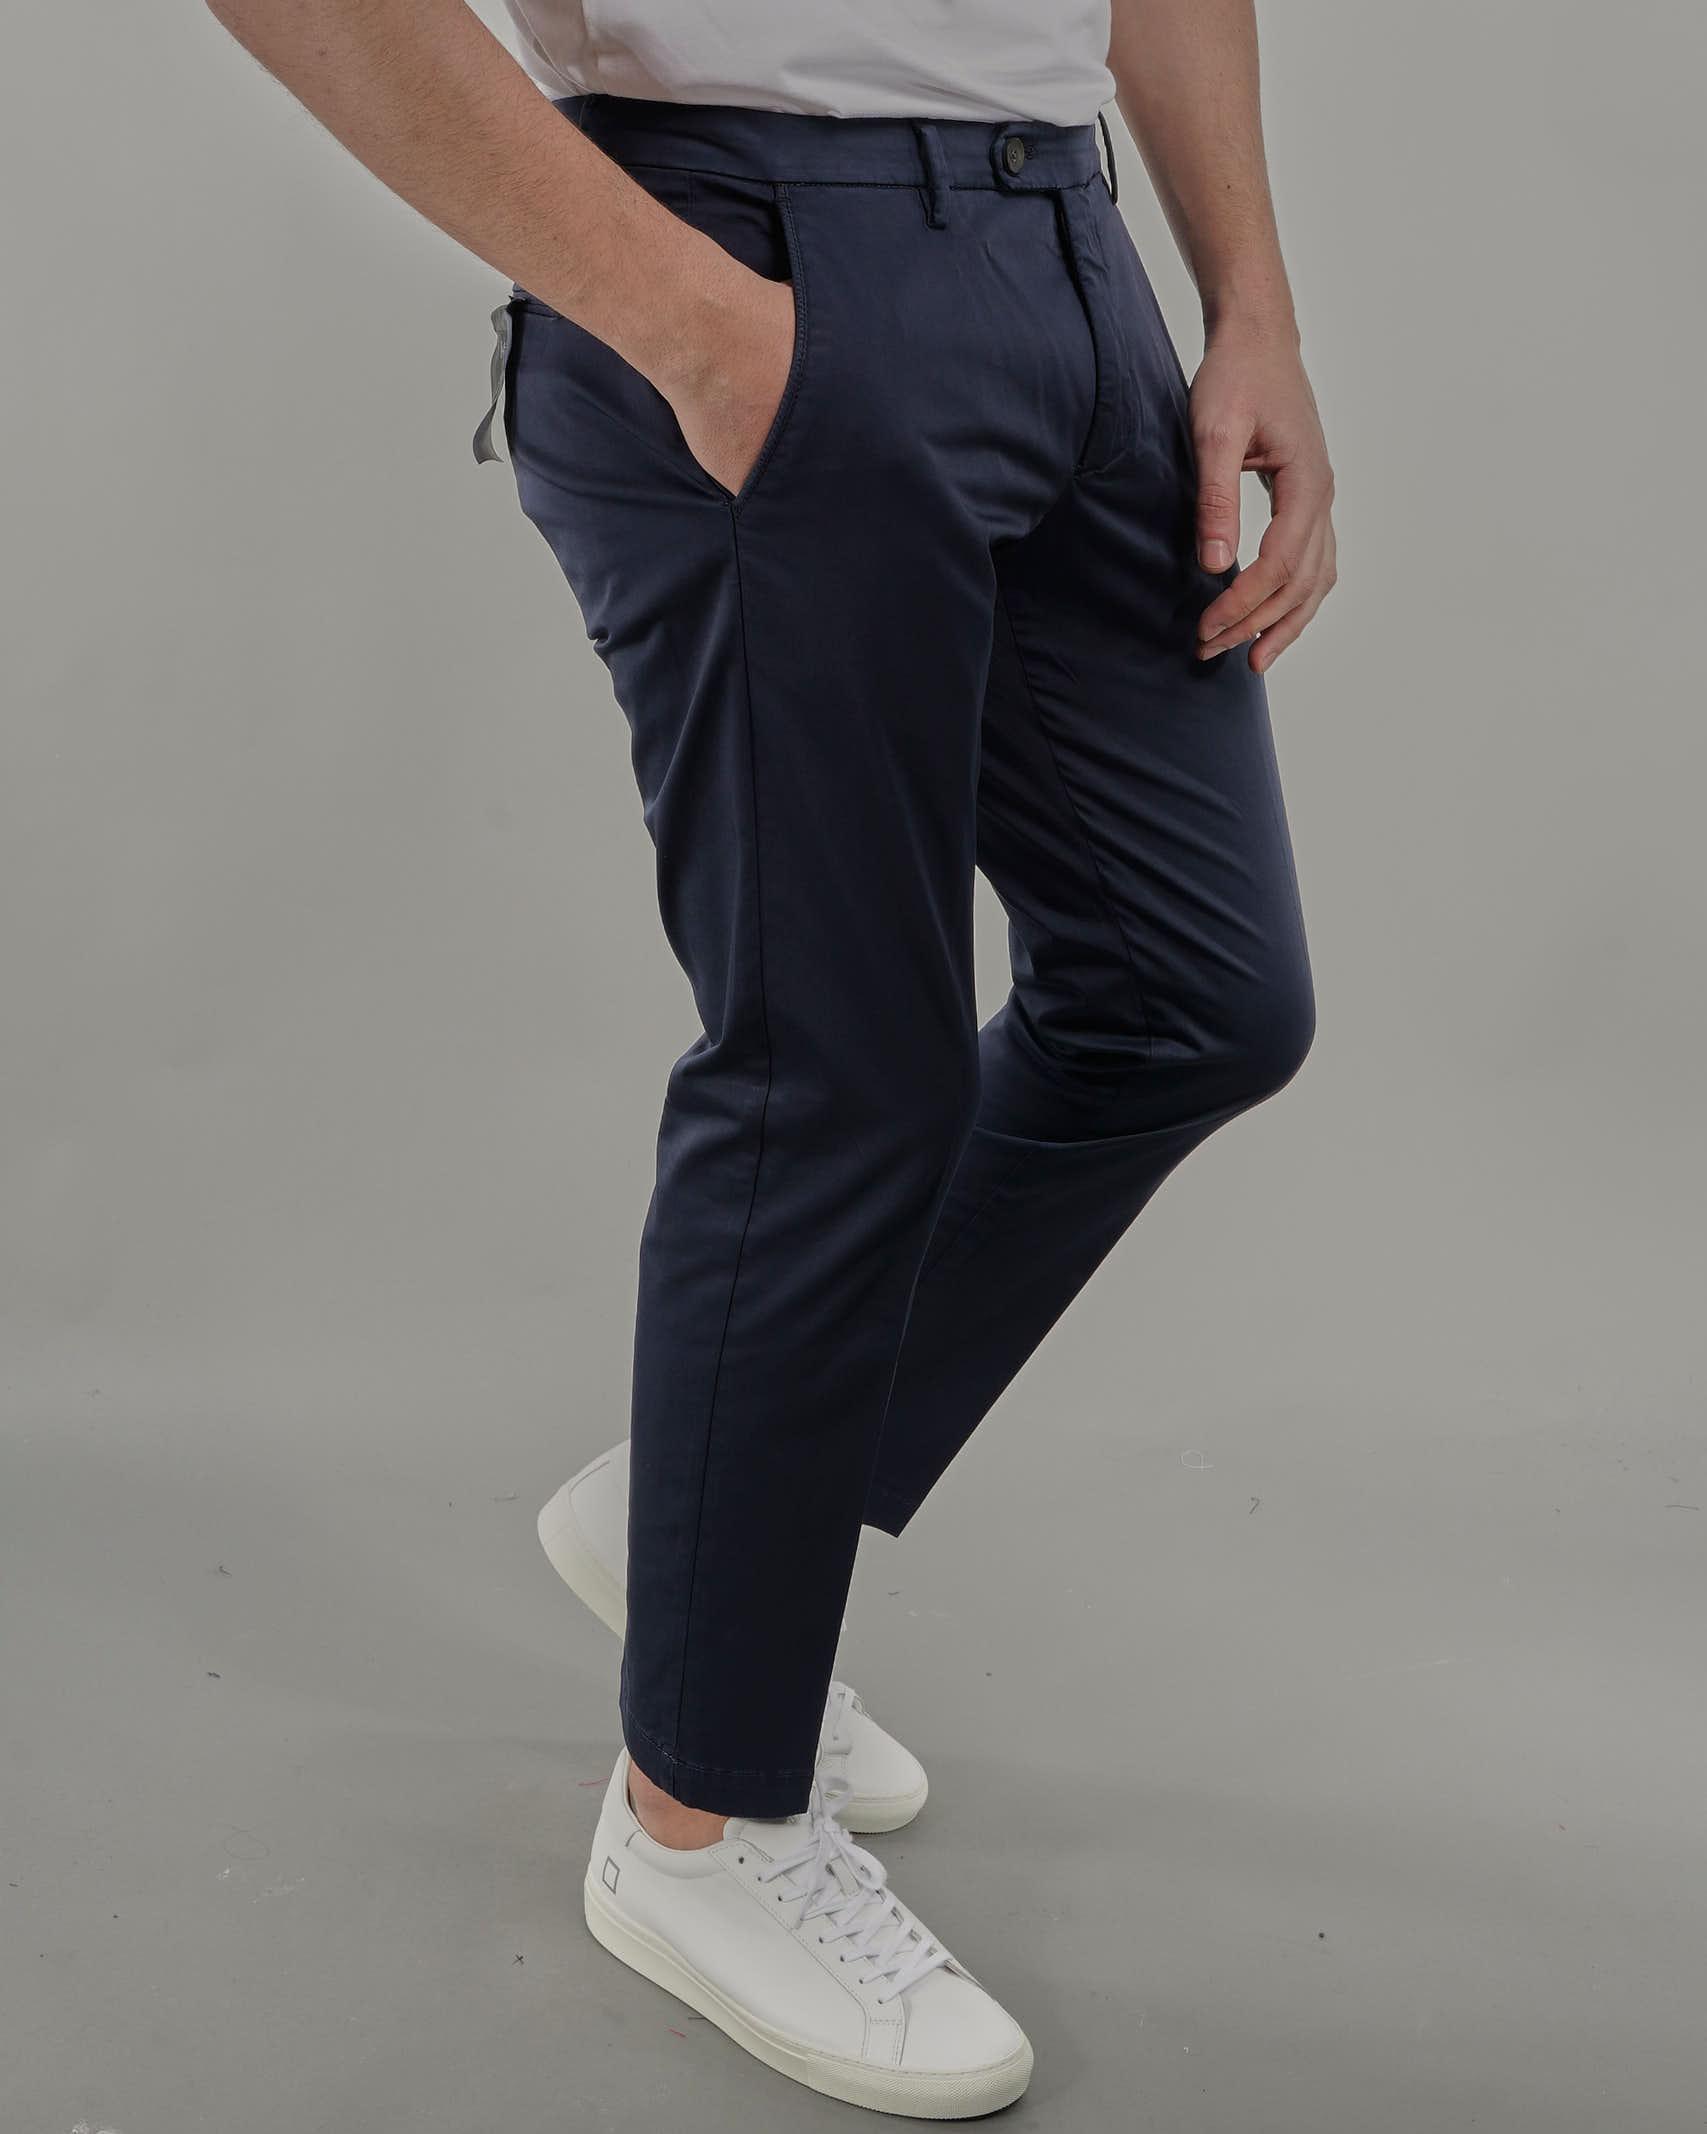 Pantalone in cotone Michael Coal MICHAEL COAL | Pantalone | BRAMDS2564BLU